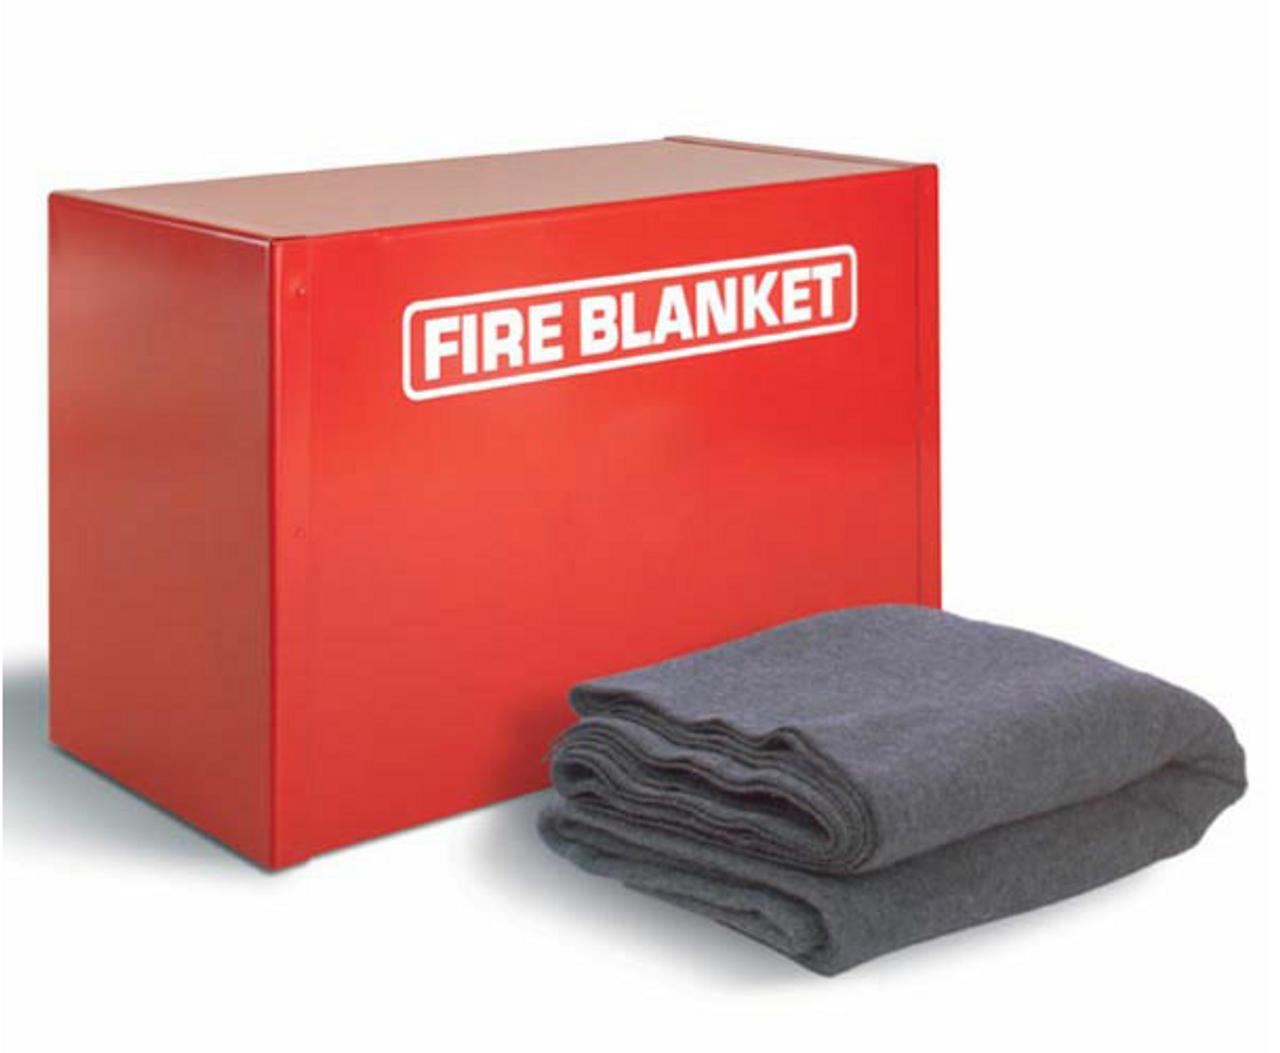 FB1 - All-steel Fire Blanket Cabinet